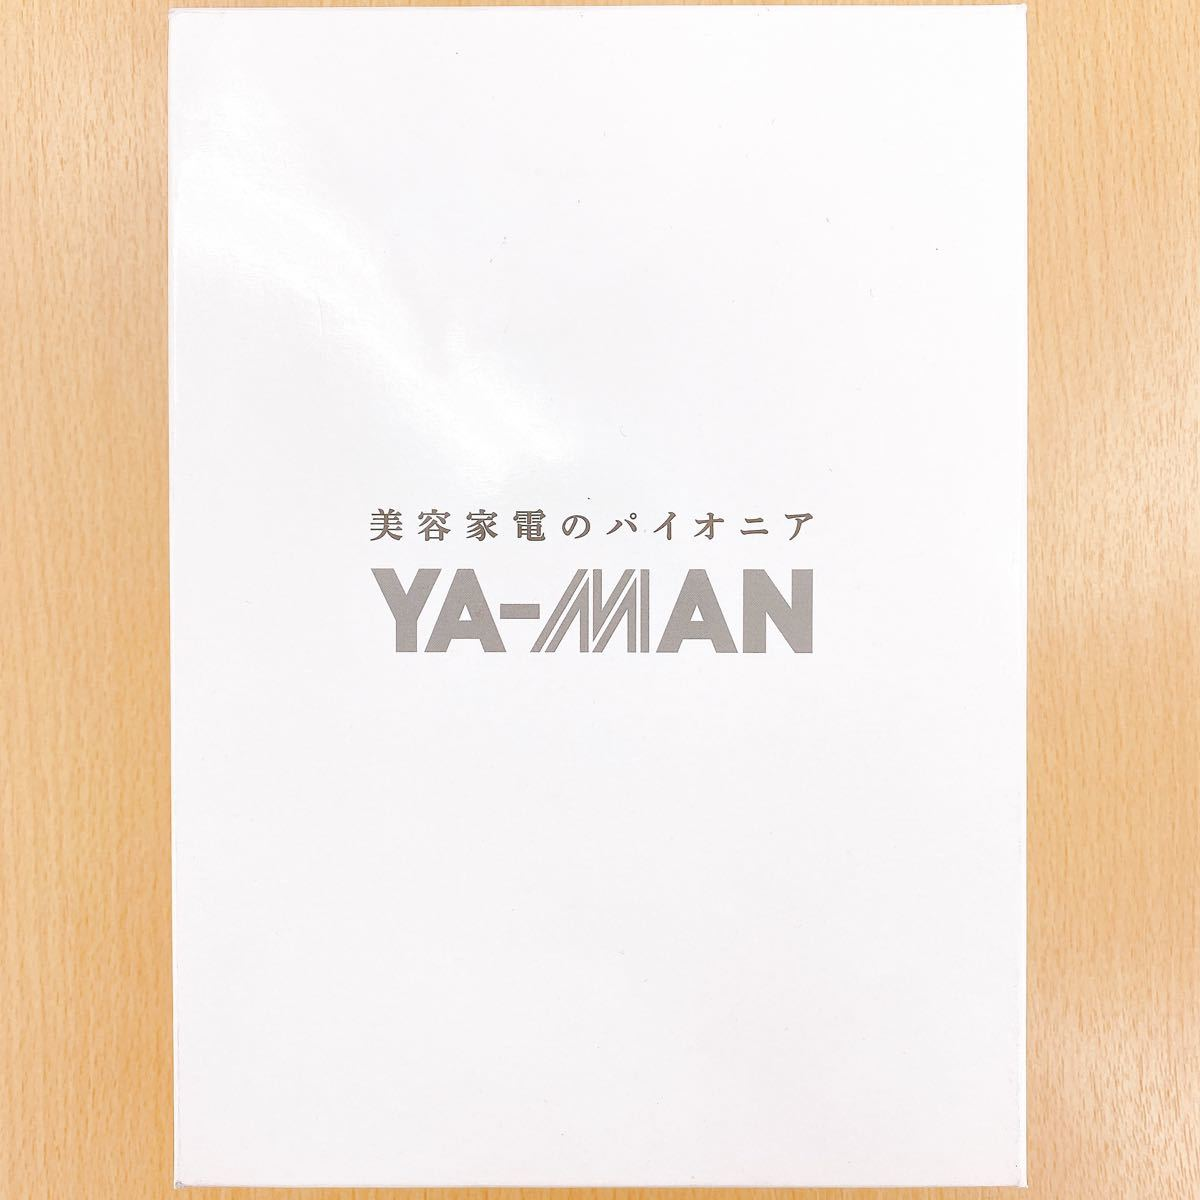 ヤーマン 美顔器 HCボーテ フェイスV HB-10N ya-man